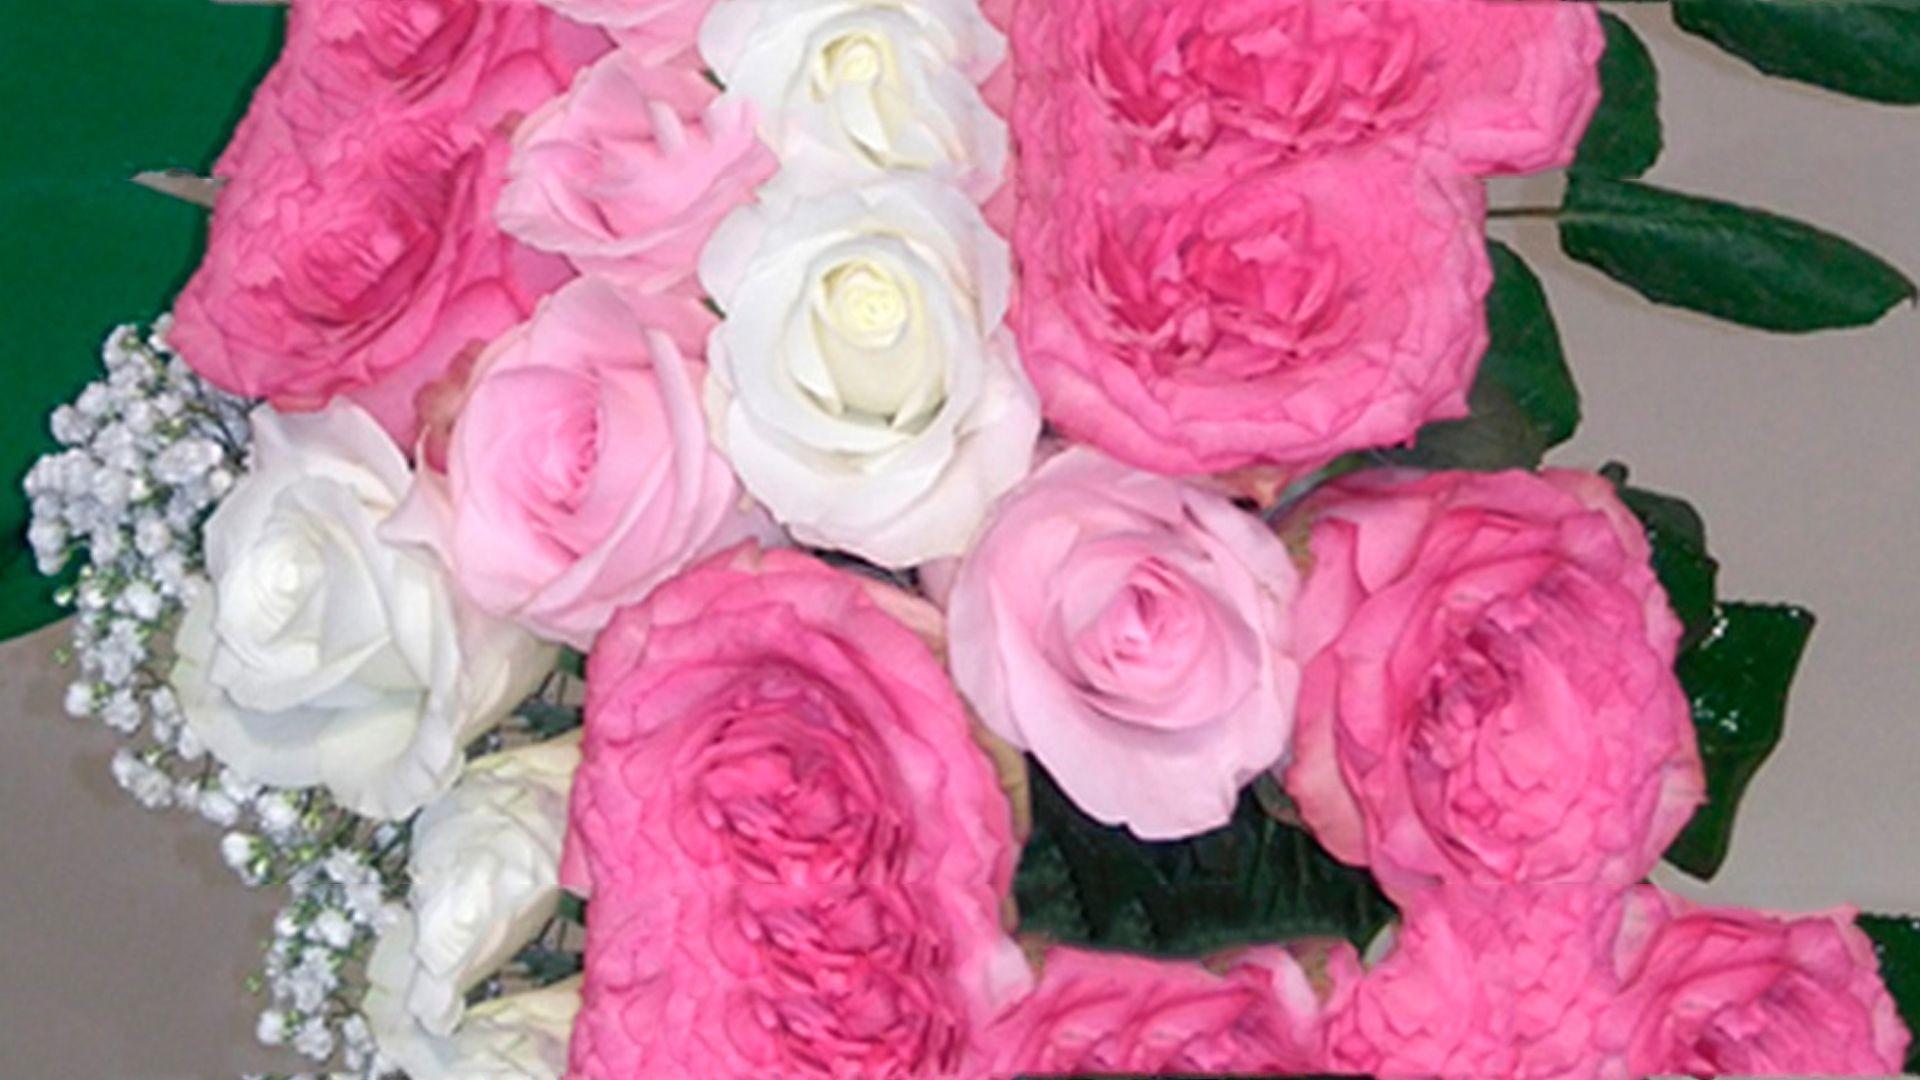 Ramos arreglos para eventos, decoración con flores